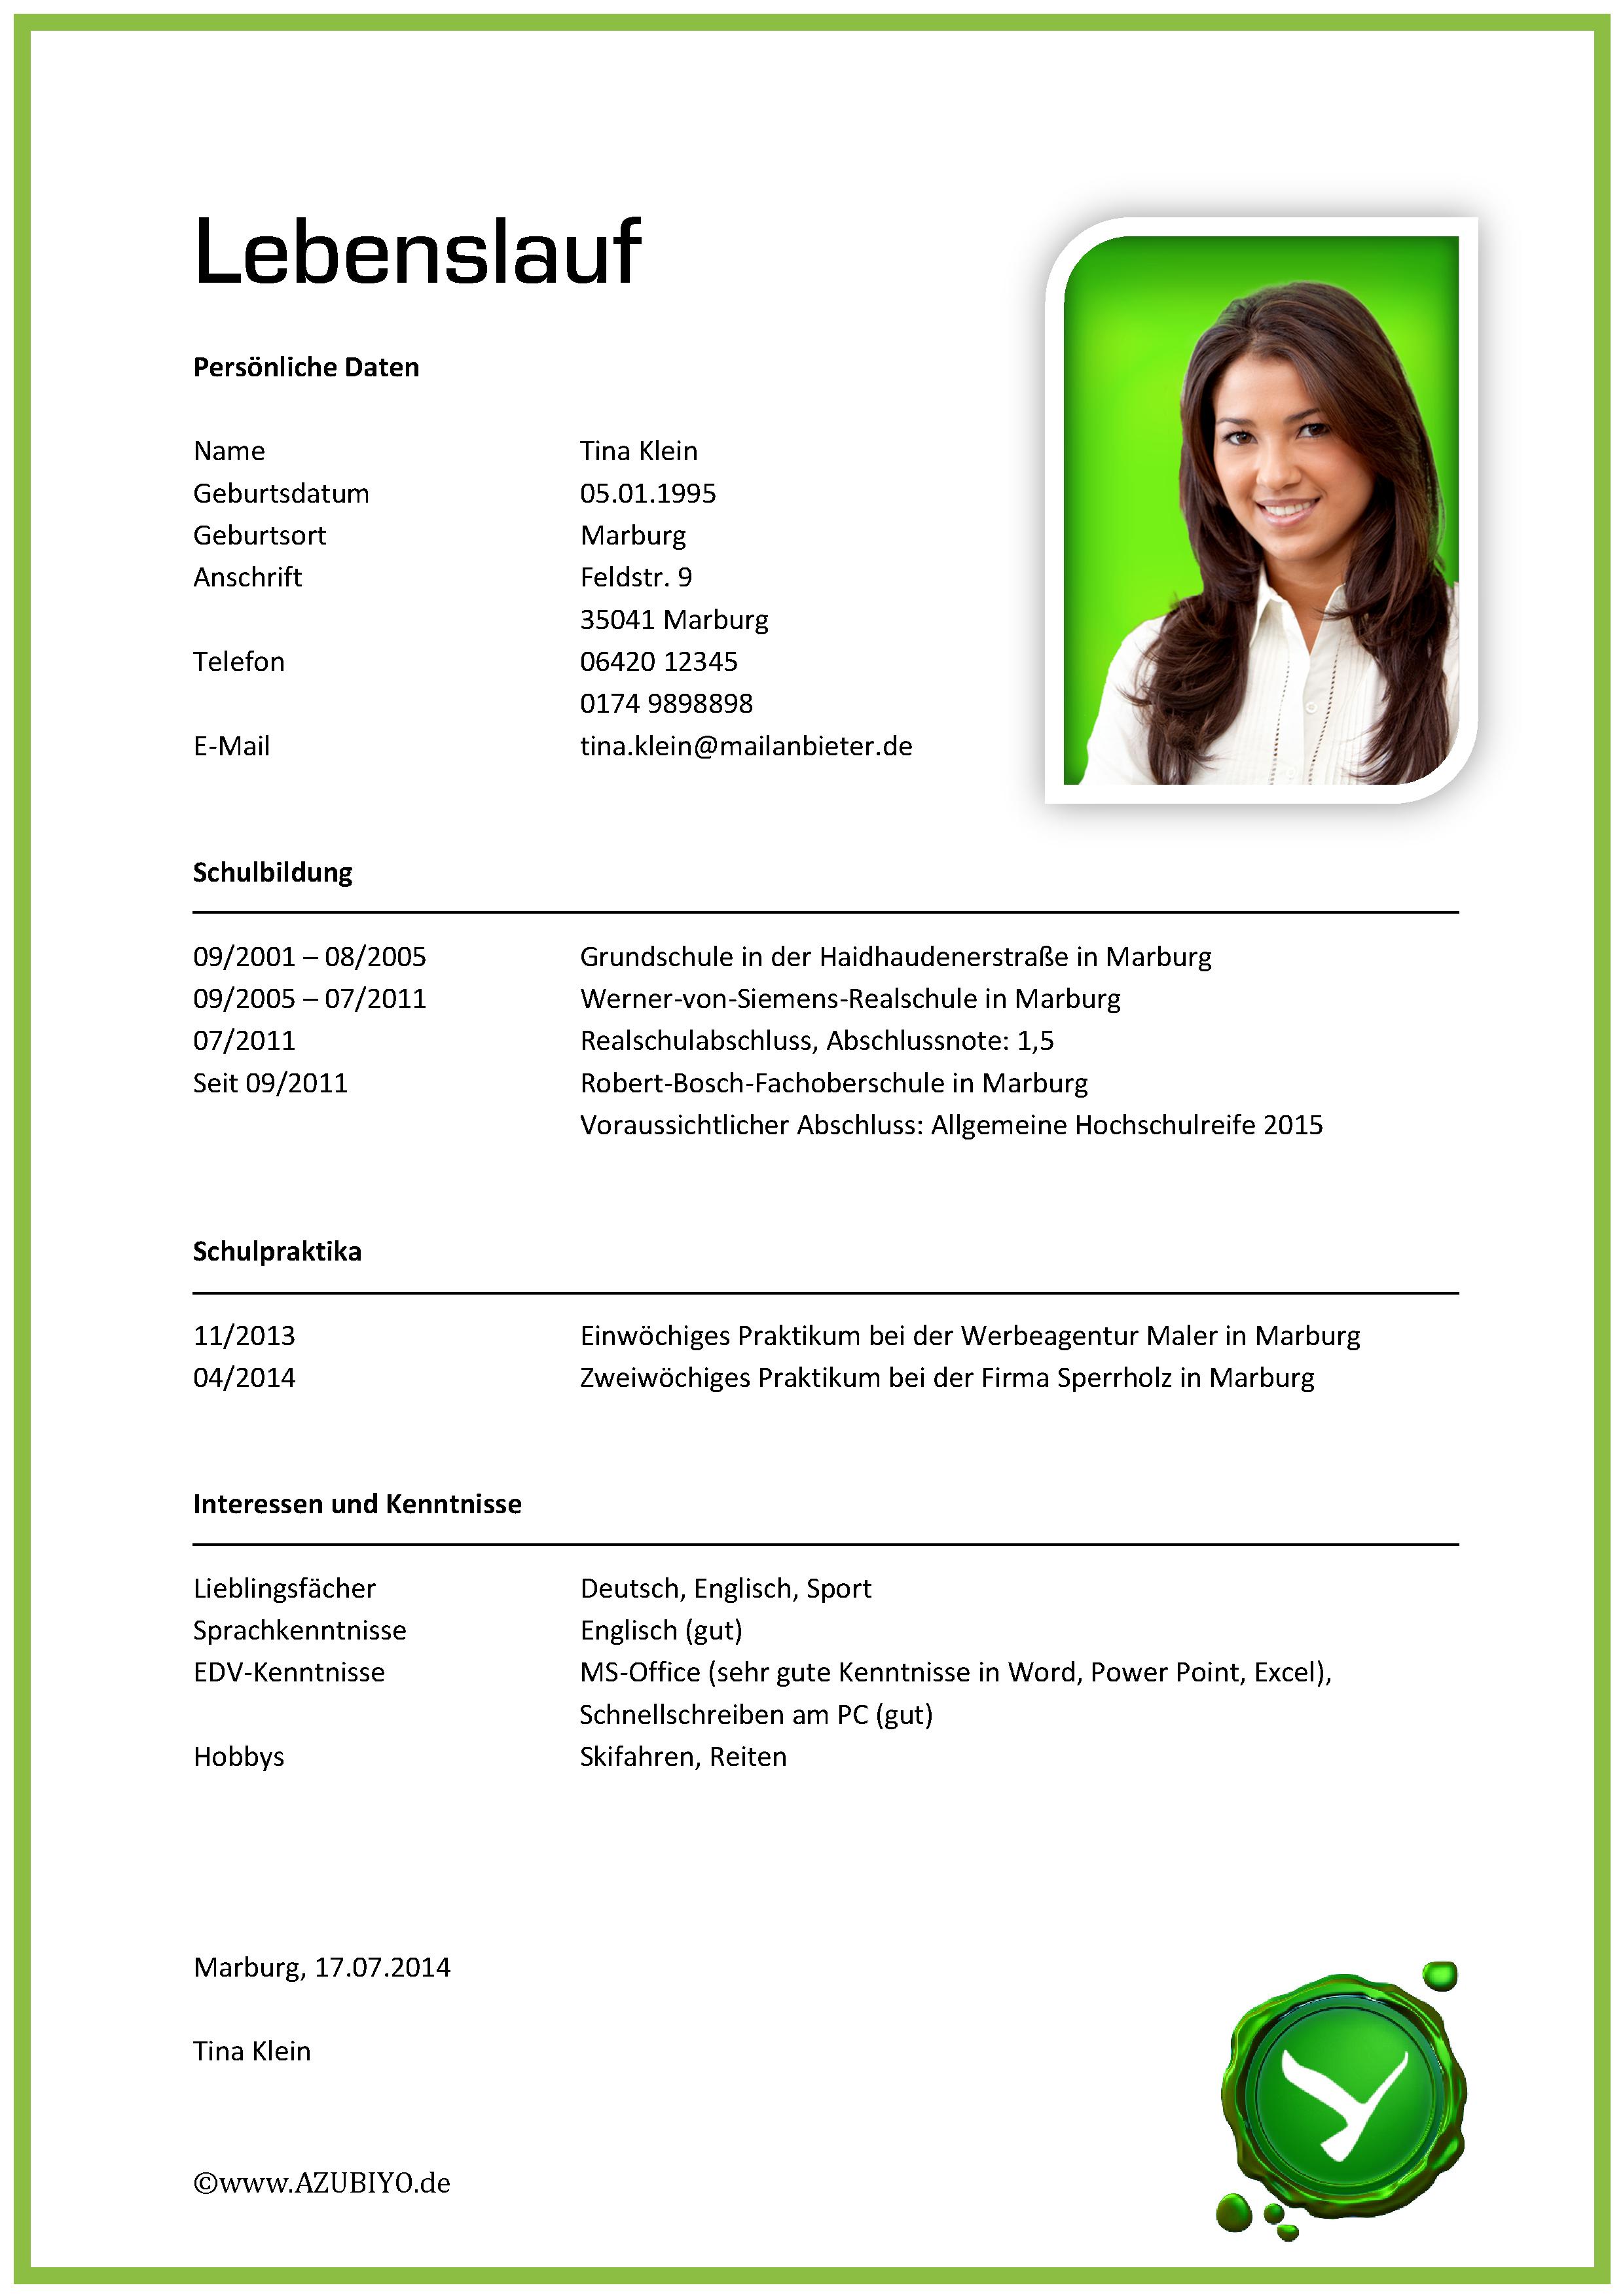 Lebenslauf Muster Beispiel Muster Lebenslauf Vorlage Png 2479 3508 Marriage Biodata Format Bio Data For Marriage Biodata Format Download